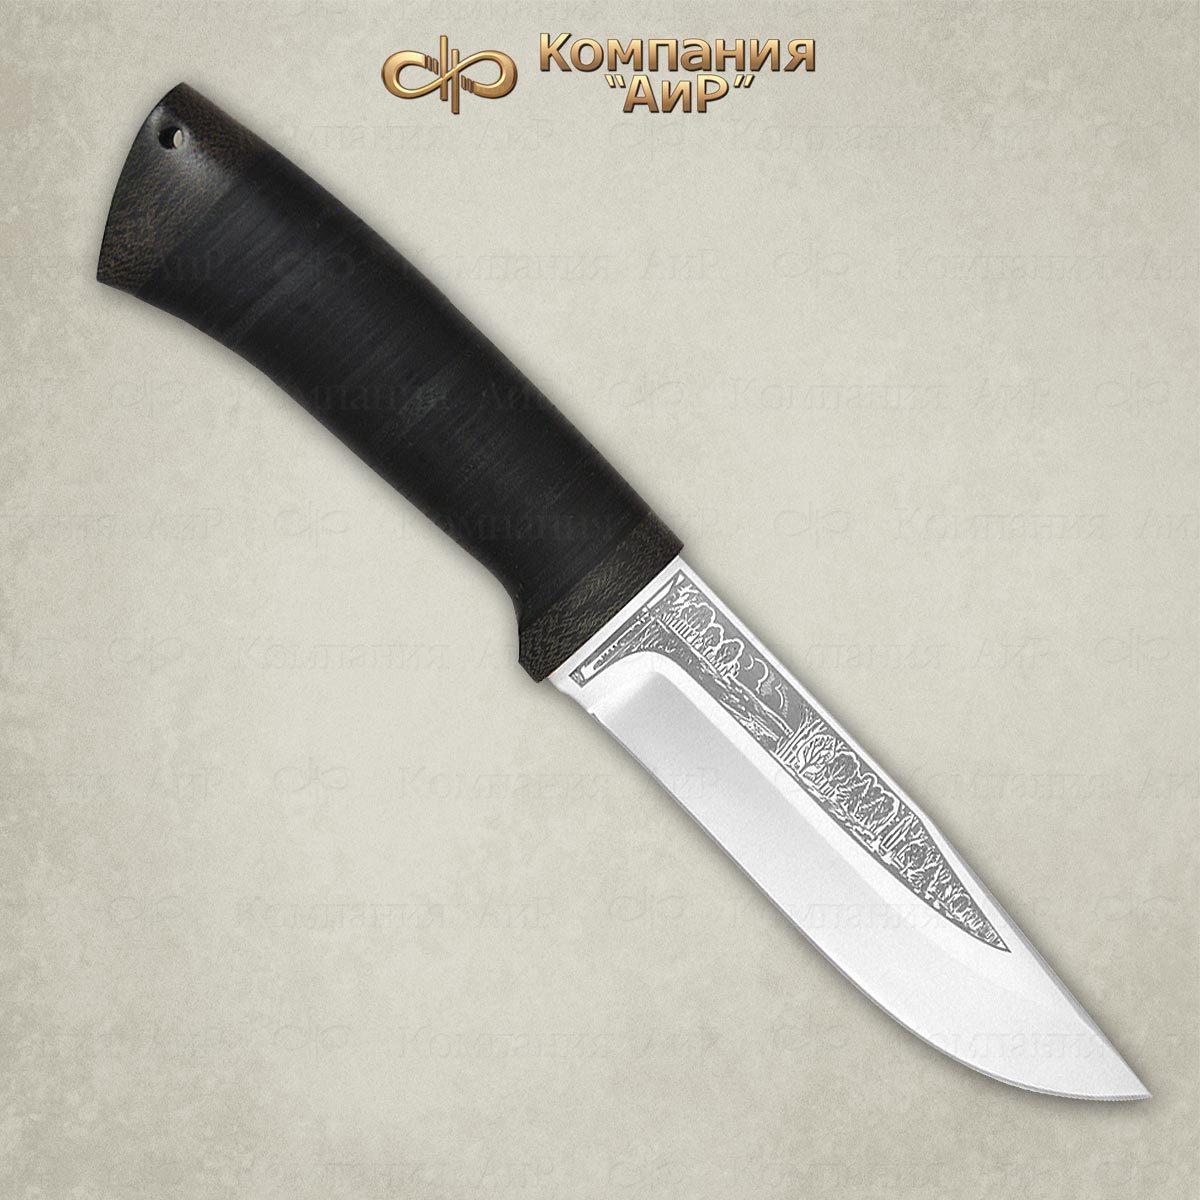 Фото - Нож АиР Турист, сталь 110х18 М-ШД, рукоять кожа нож аир хазар сталь 110х18 м шд рукоять кожа